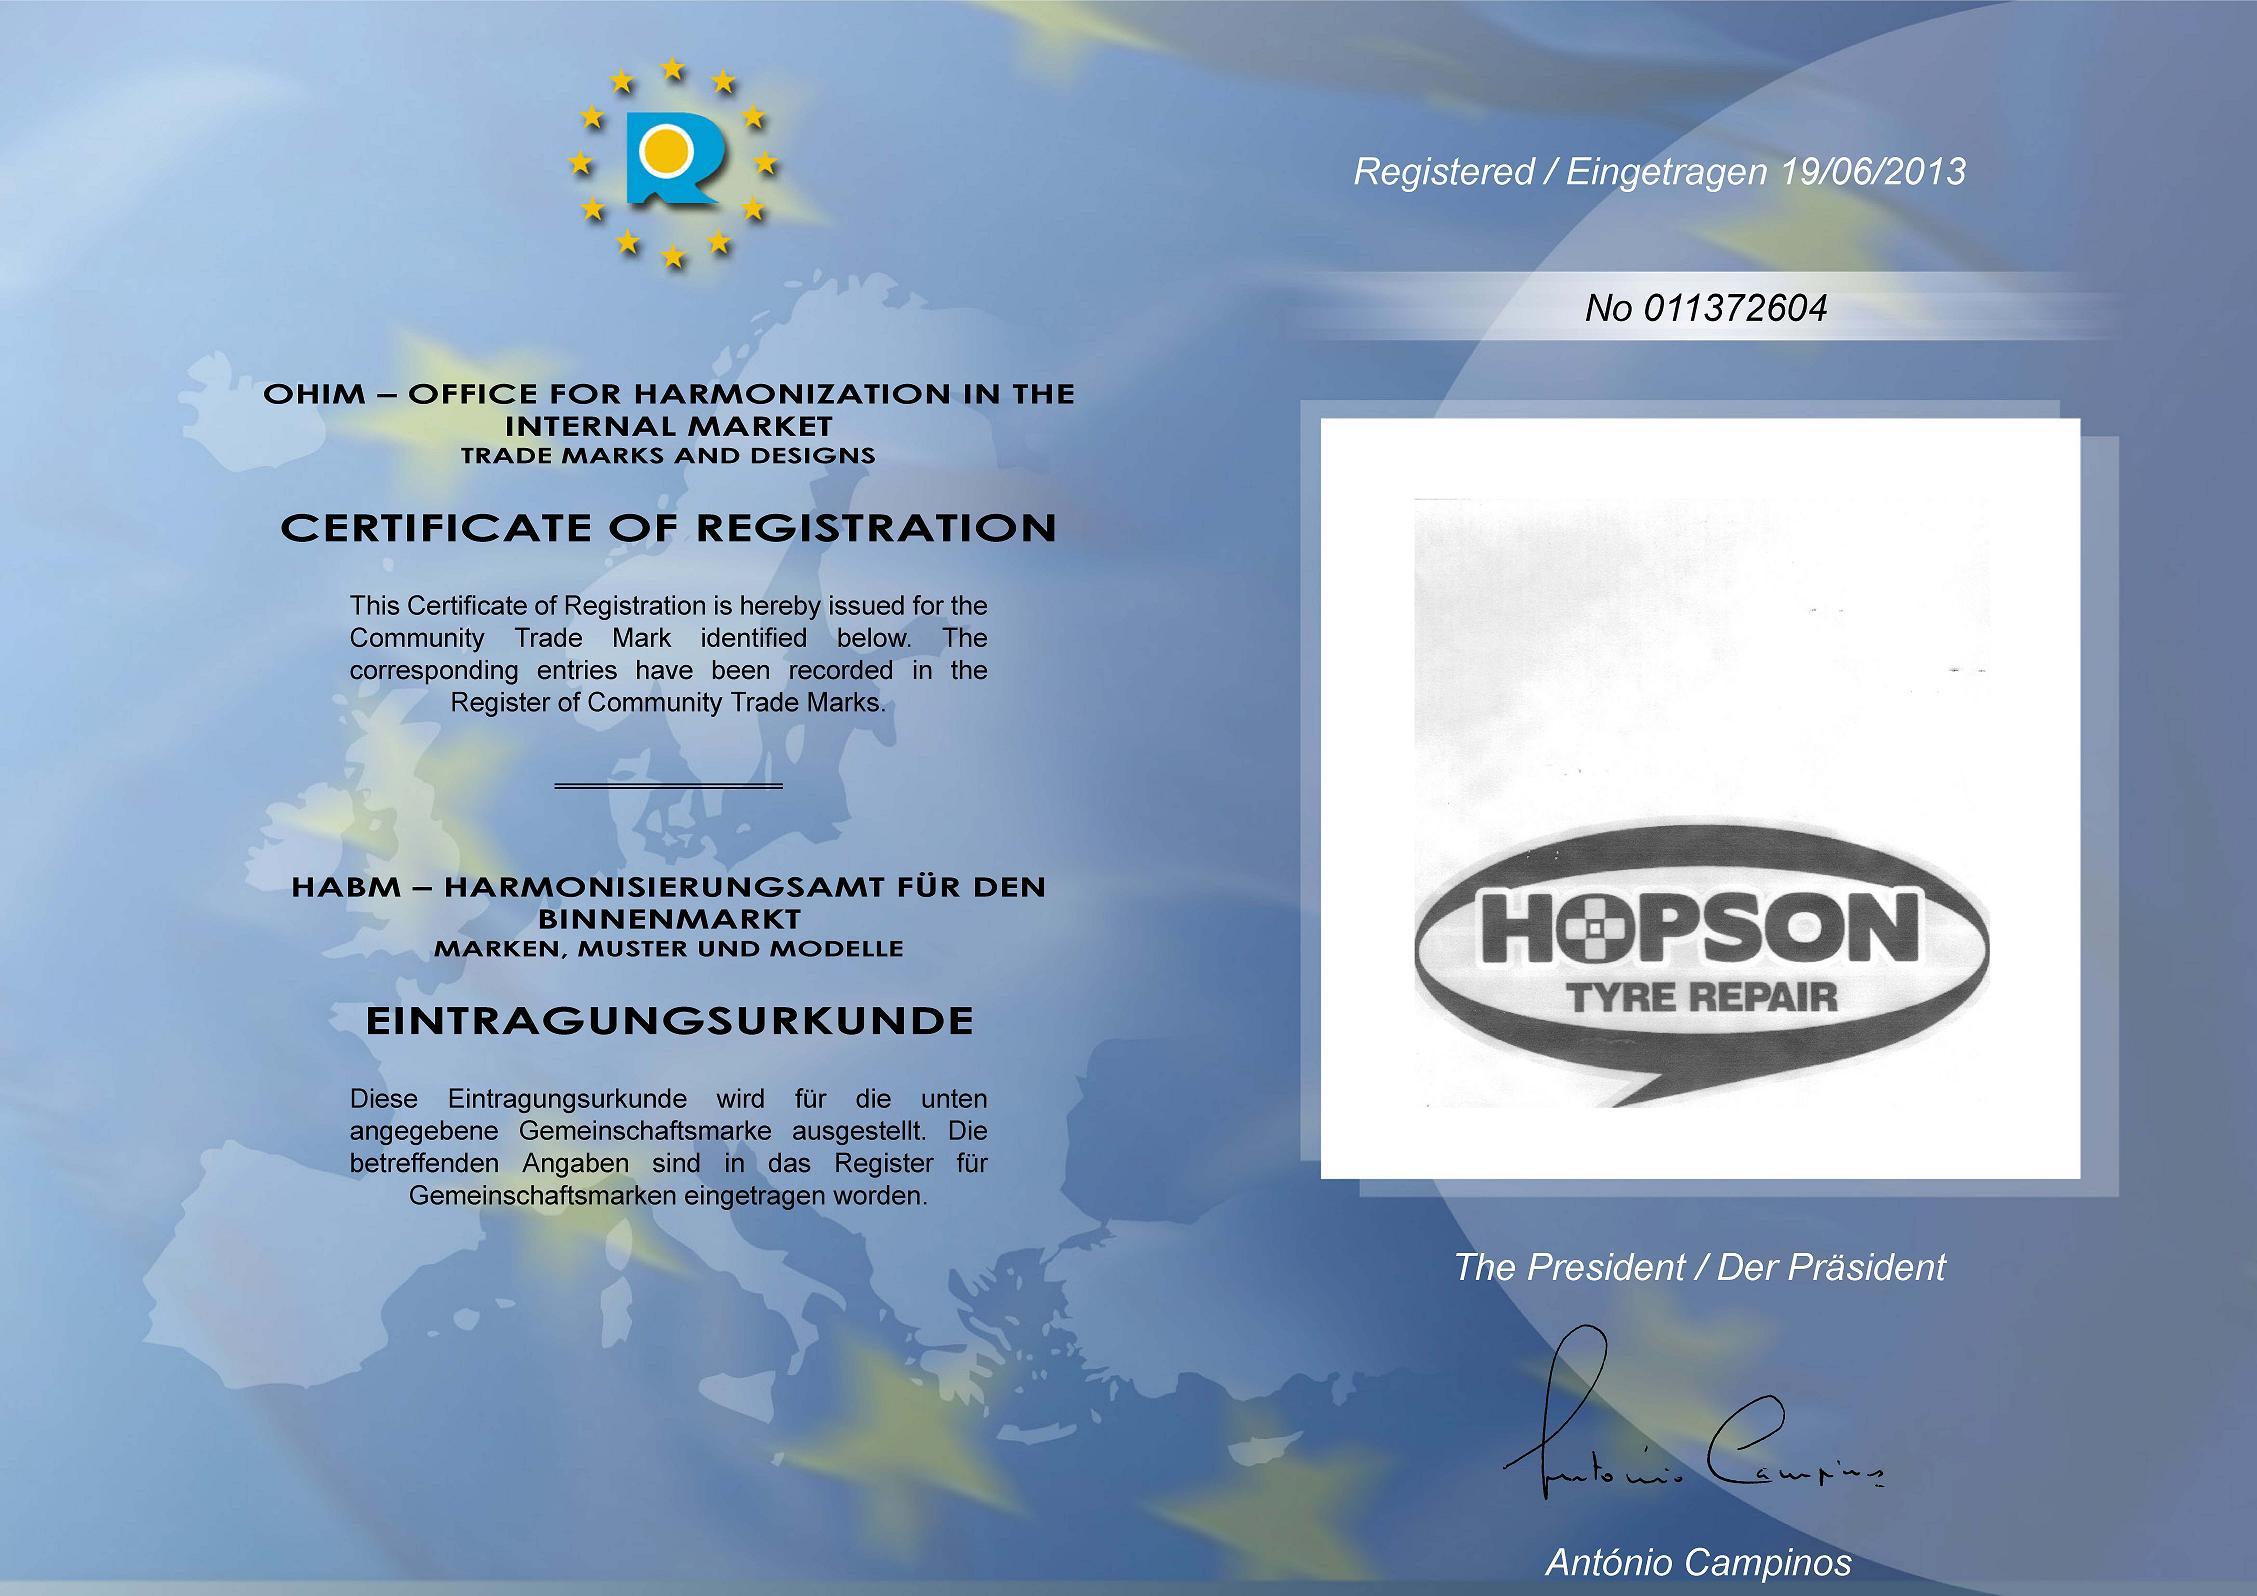 HOPSON TYRE REPAIR REGISTRATION in EUROPE